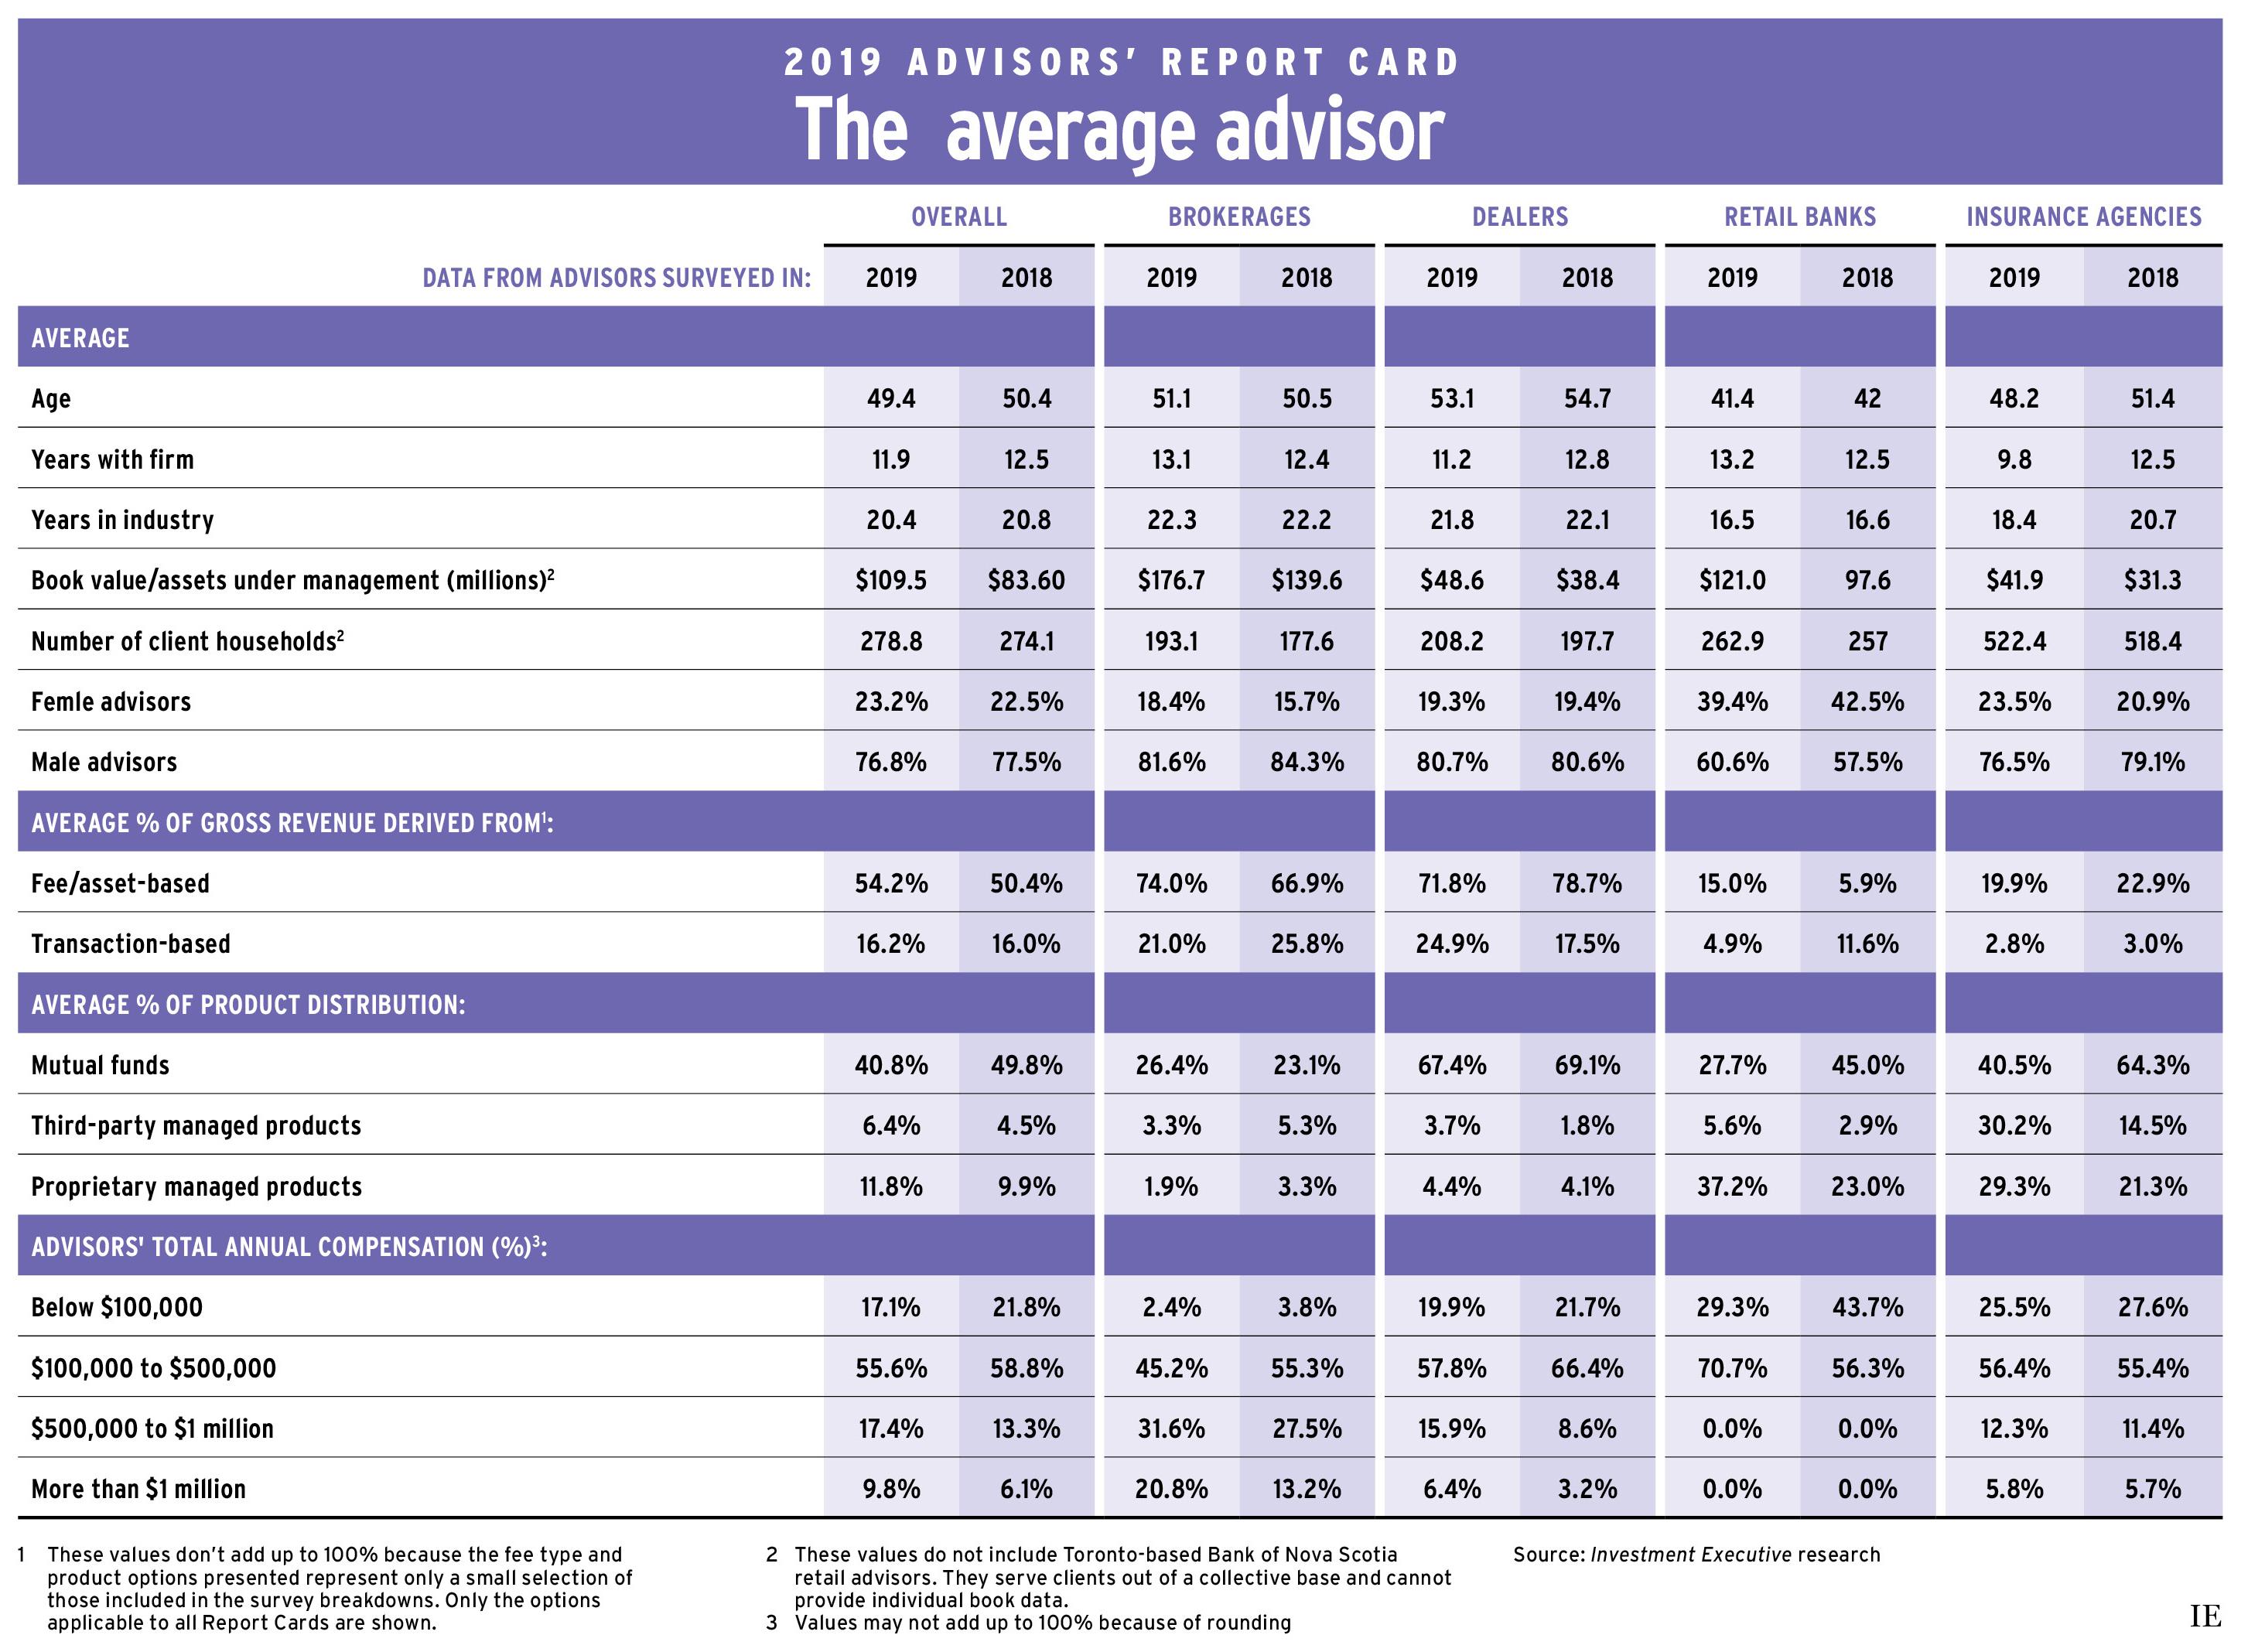 Advisors's Report Card 2019: The average advisor